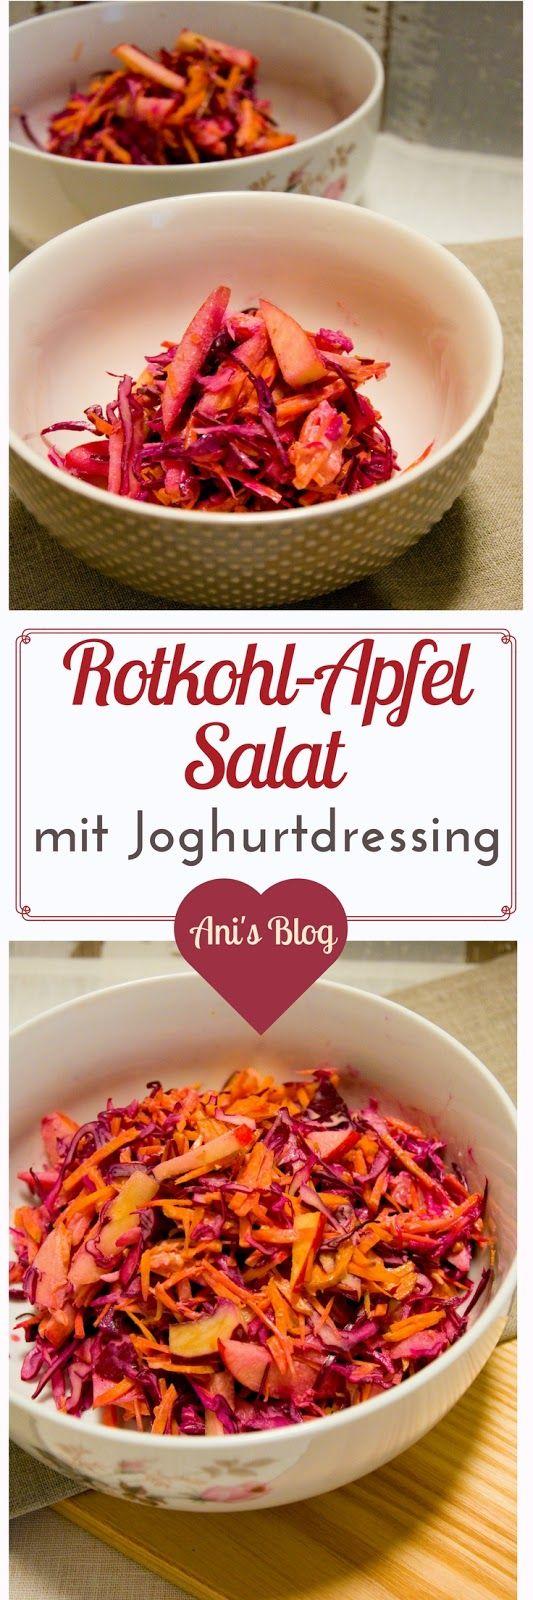 { 5 Zutaten Rezept } Rotkohl-Apfelsalat